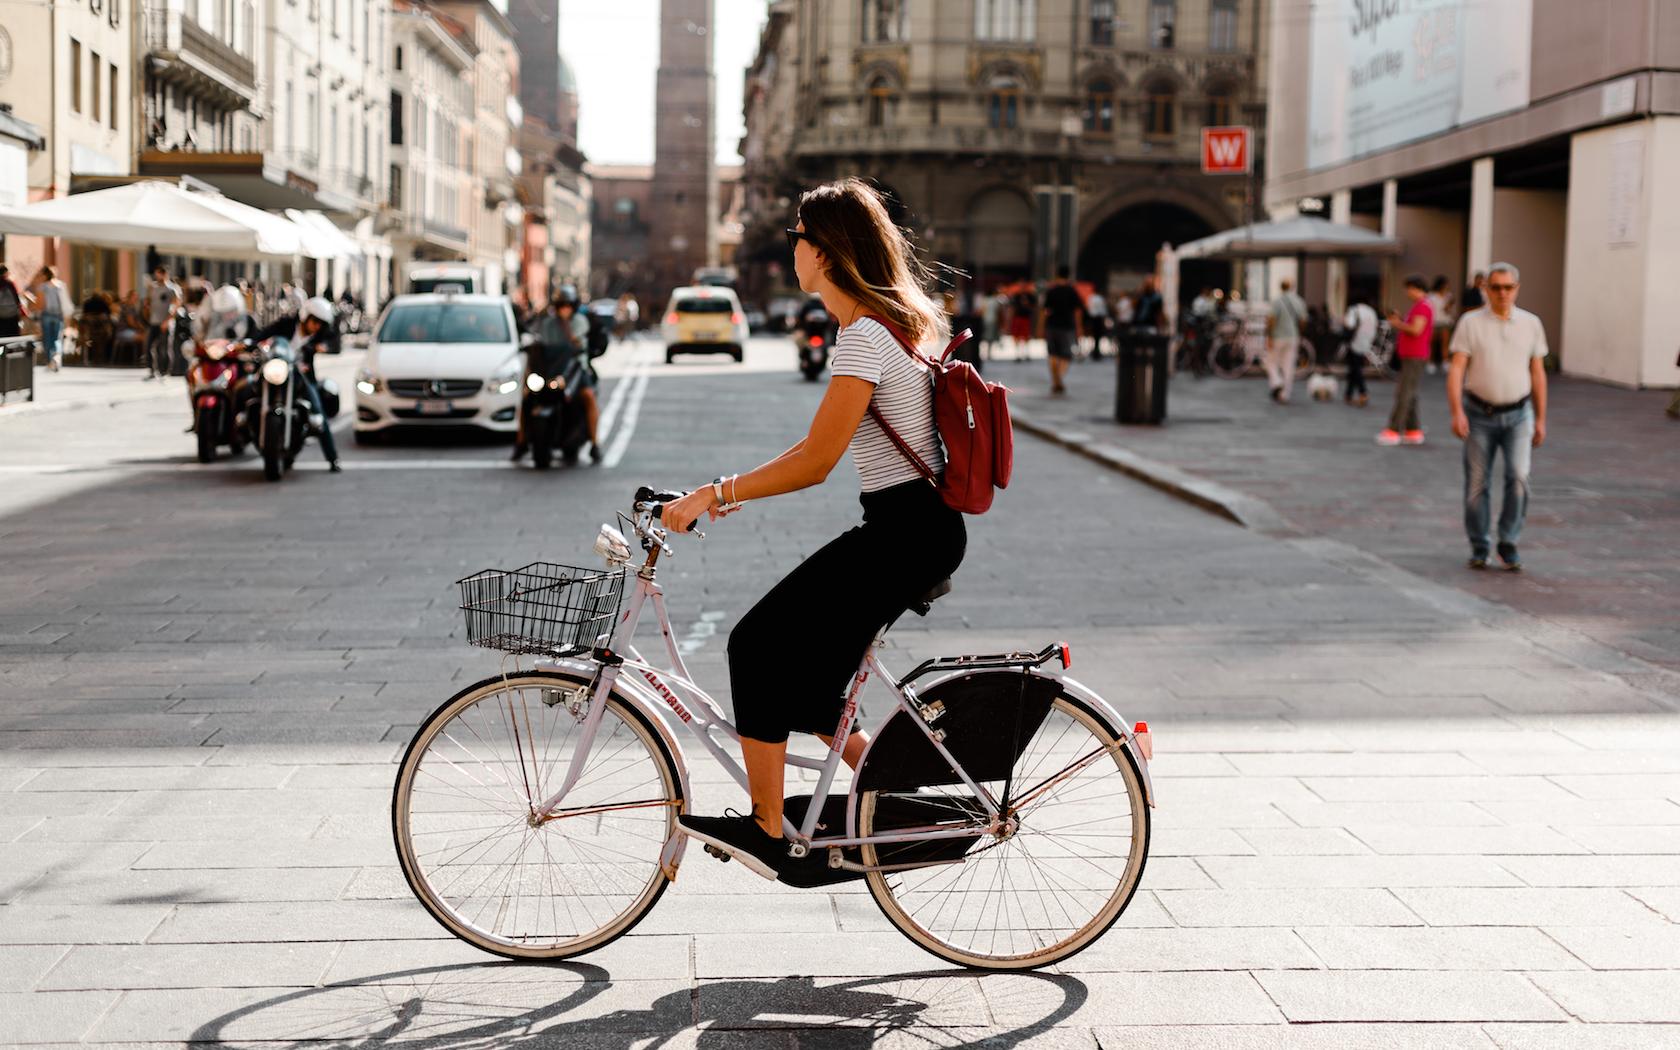 Ποδηλασία: Όχημα για καλύτερη ψυχική και συναισθηματική υγεία [vid]